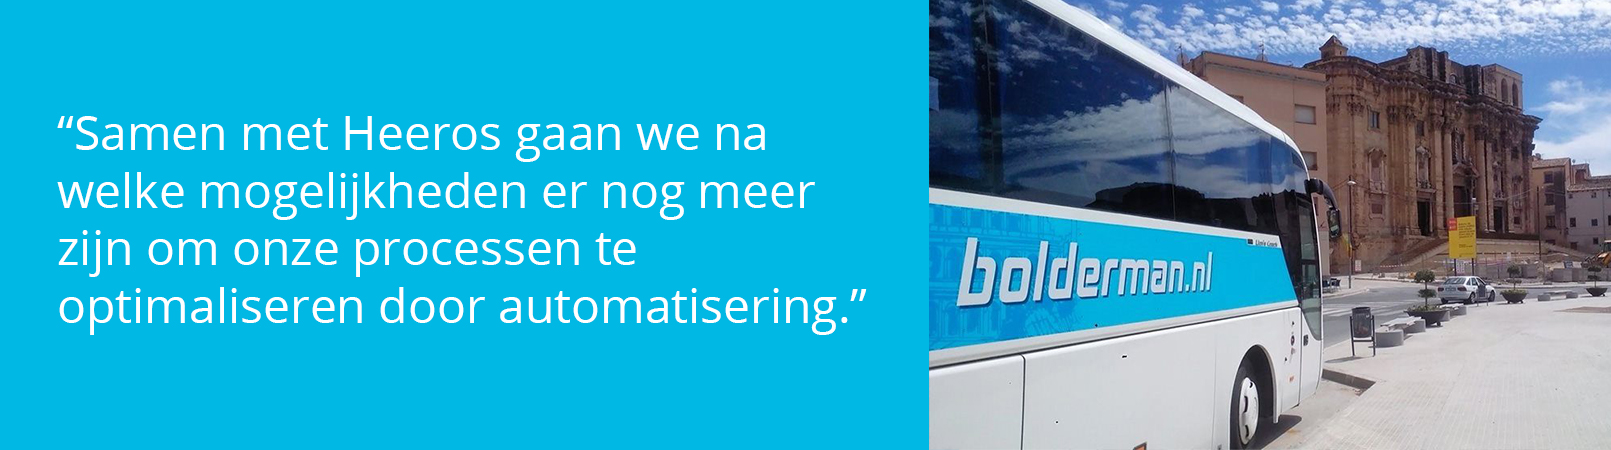 Bolderman_Heeros_klanten